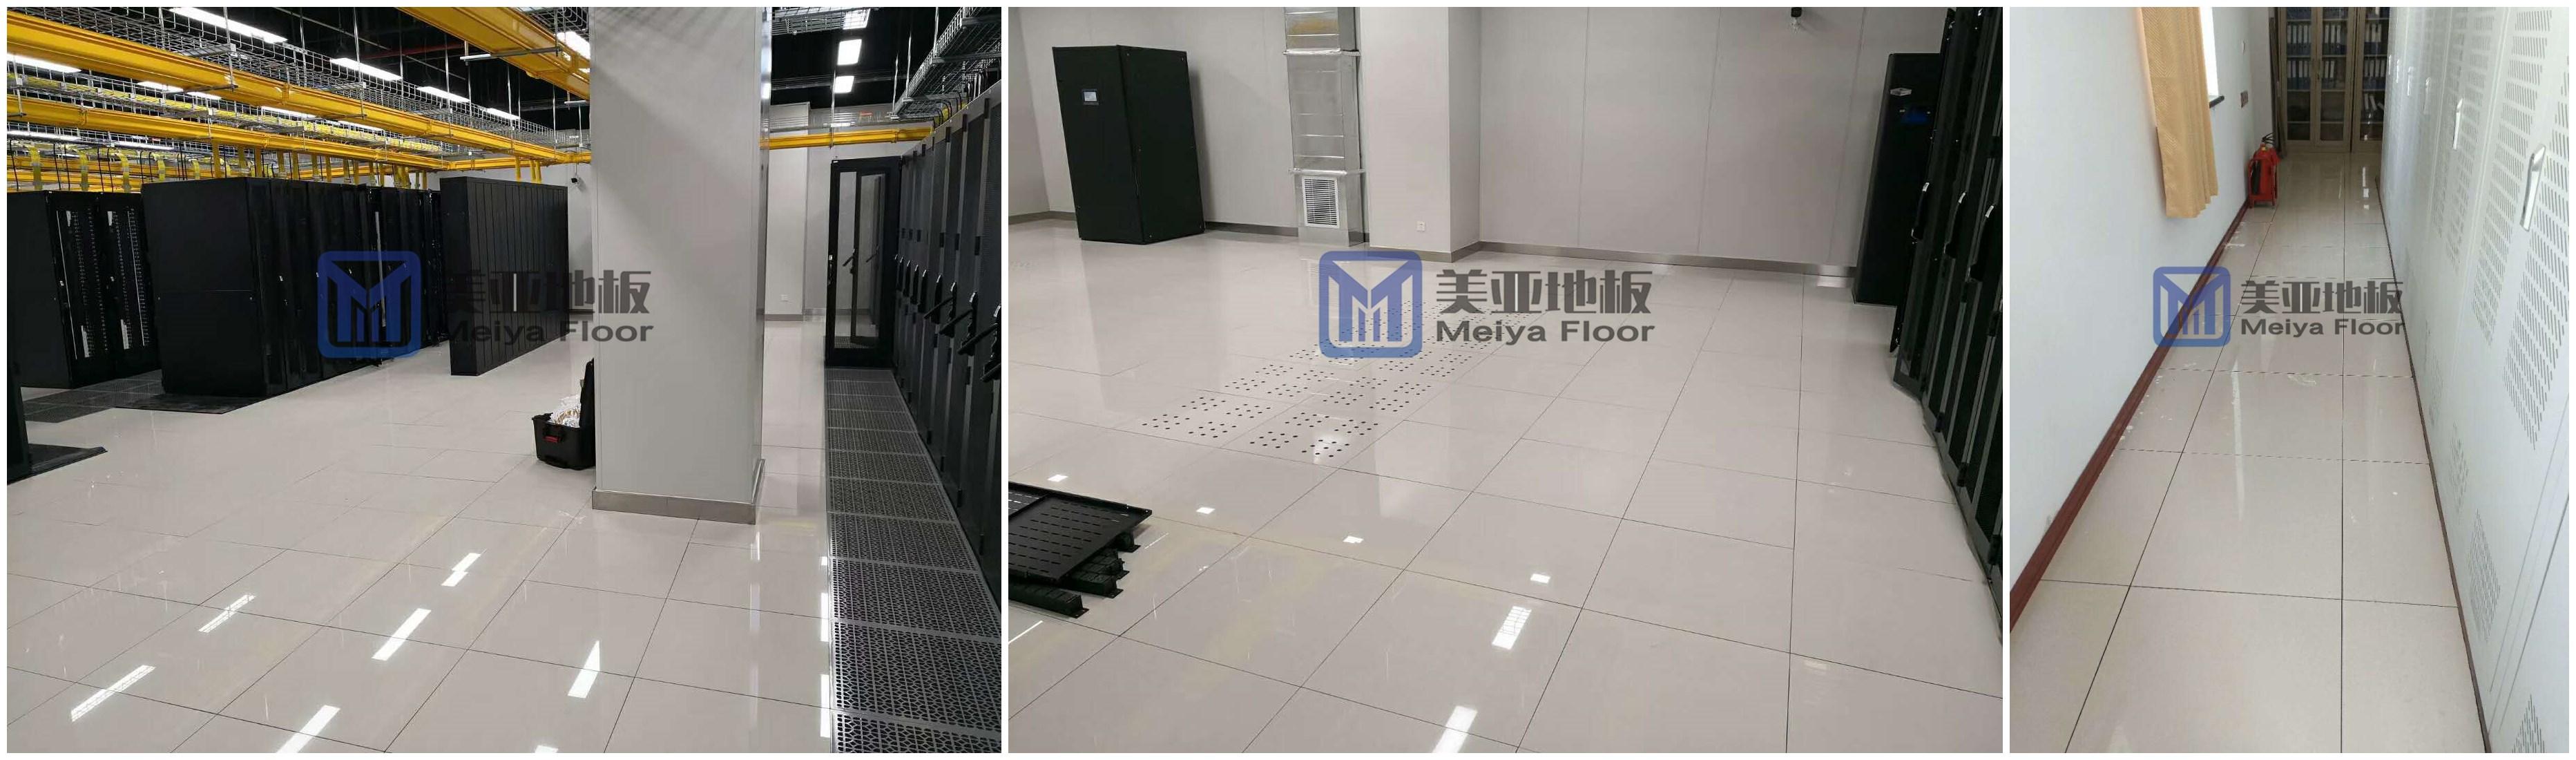 美ya陶瓷防jingdian地板,象牙白色适yong各种机房,简洁、da气!